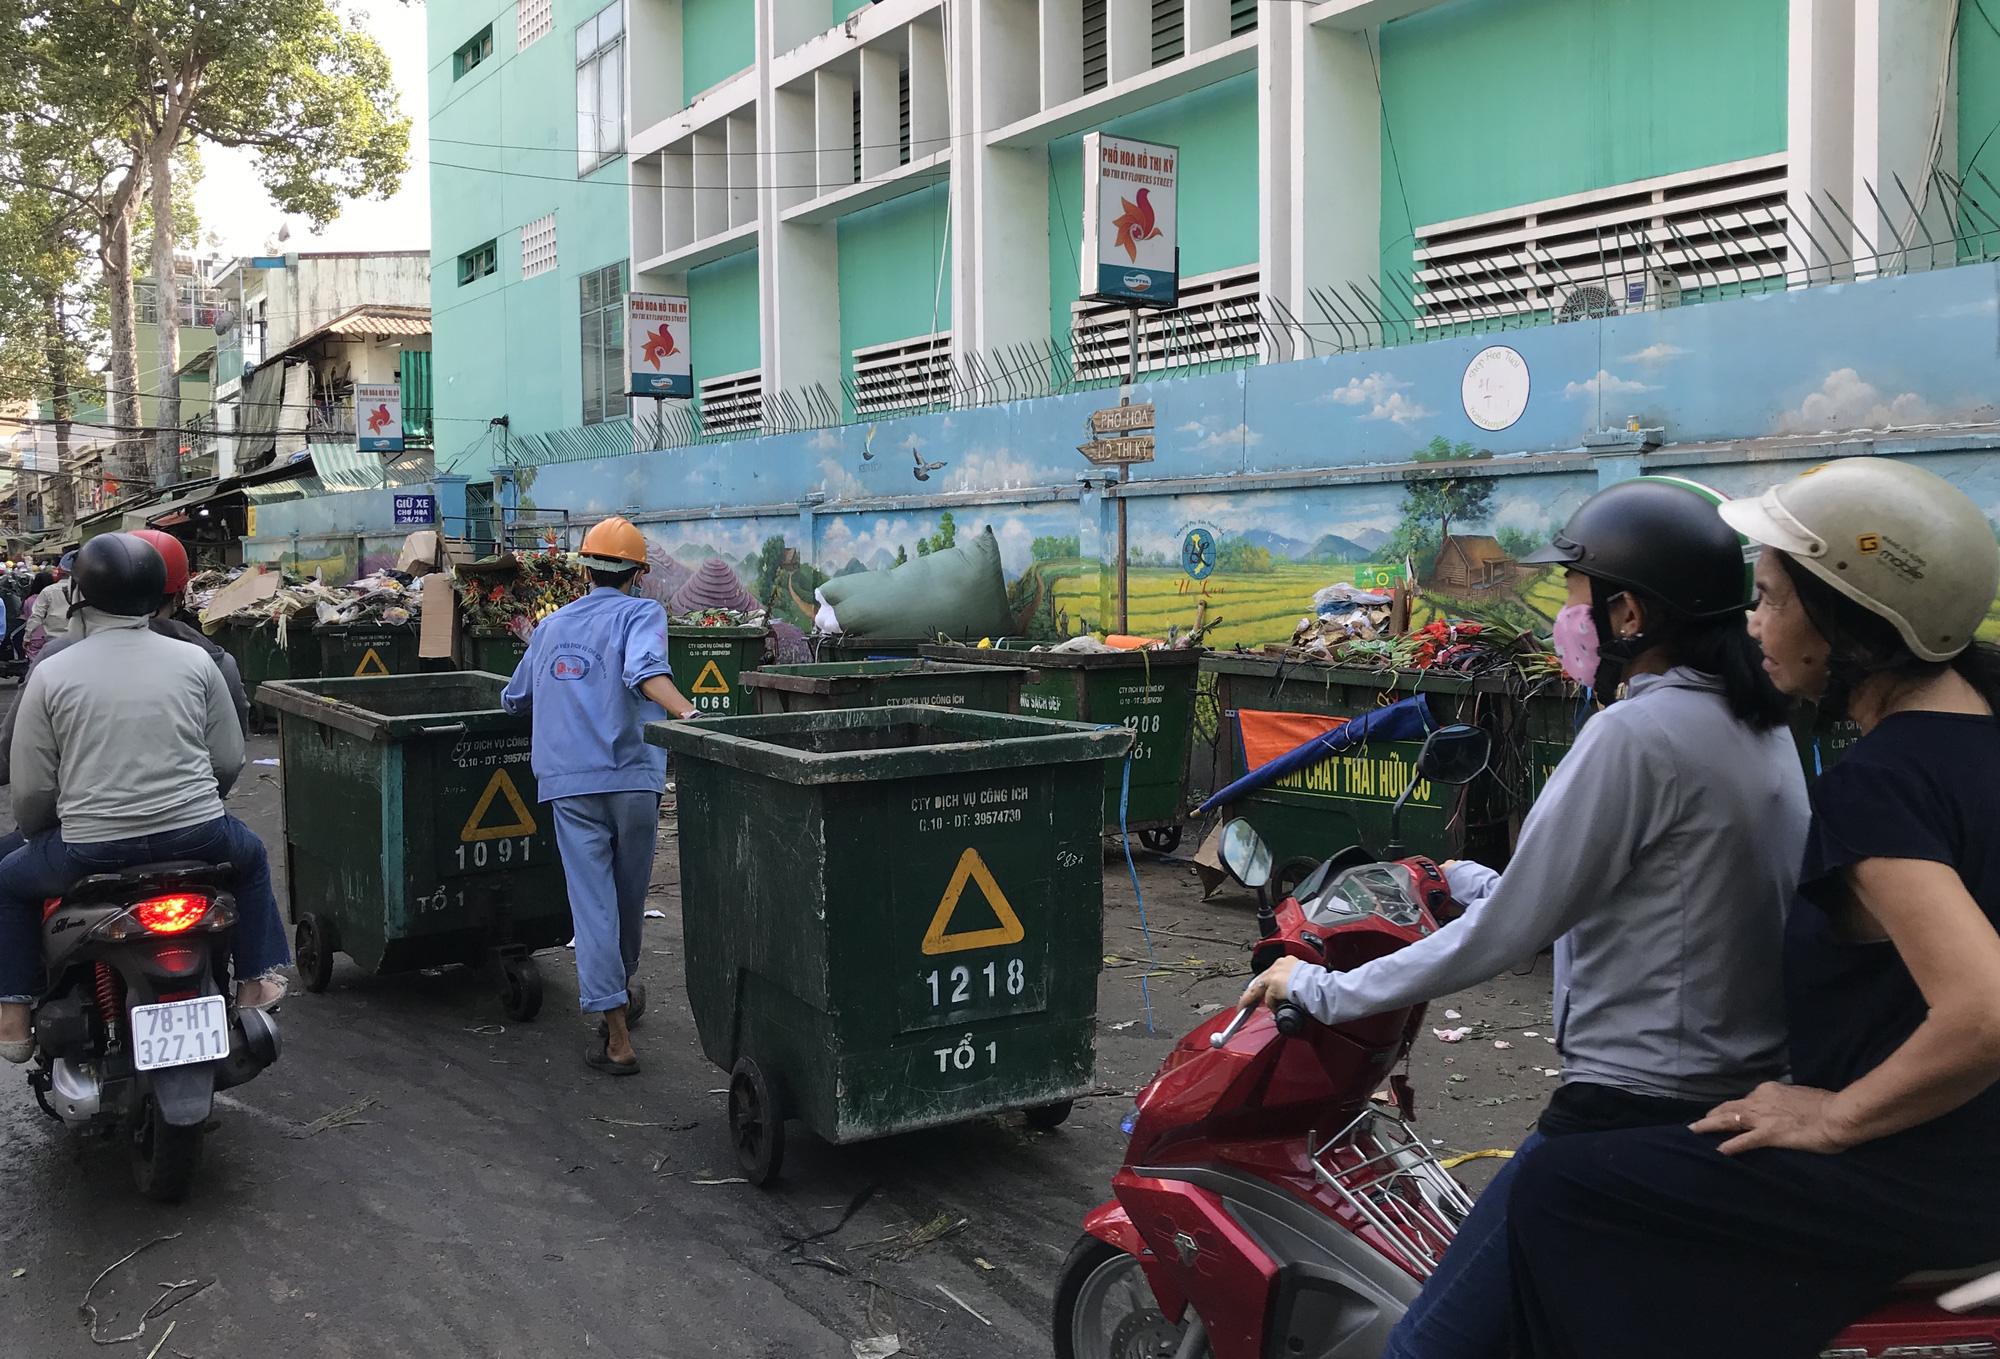 Hoa tươi tại 2 chợ hoa sỉ lớn nhất Sài Gòn chất đống lên xe rác trưa 30 Tết - Ảnh 11.